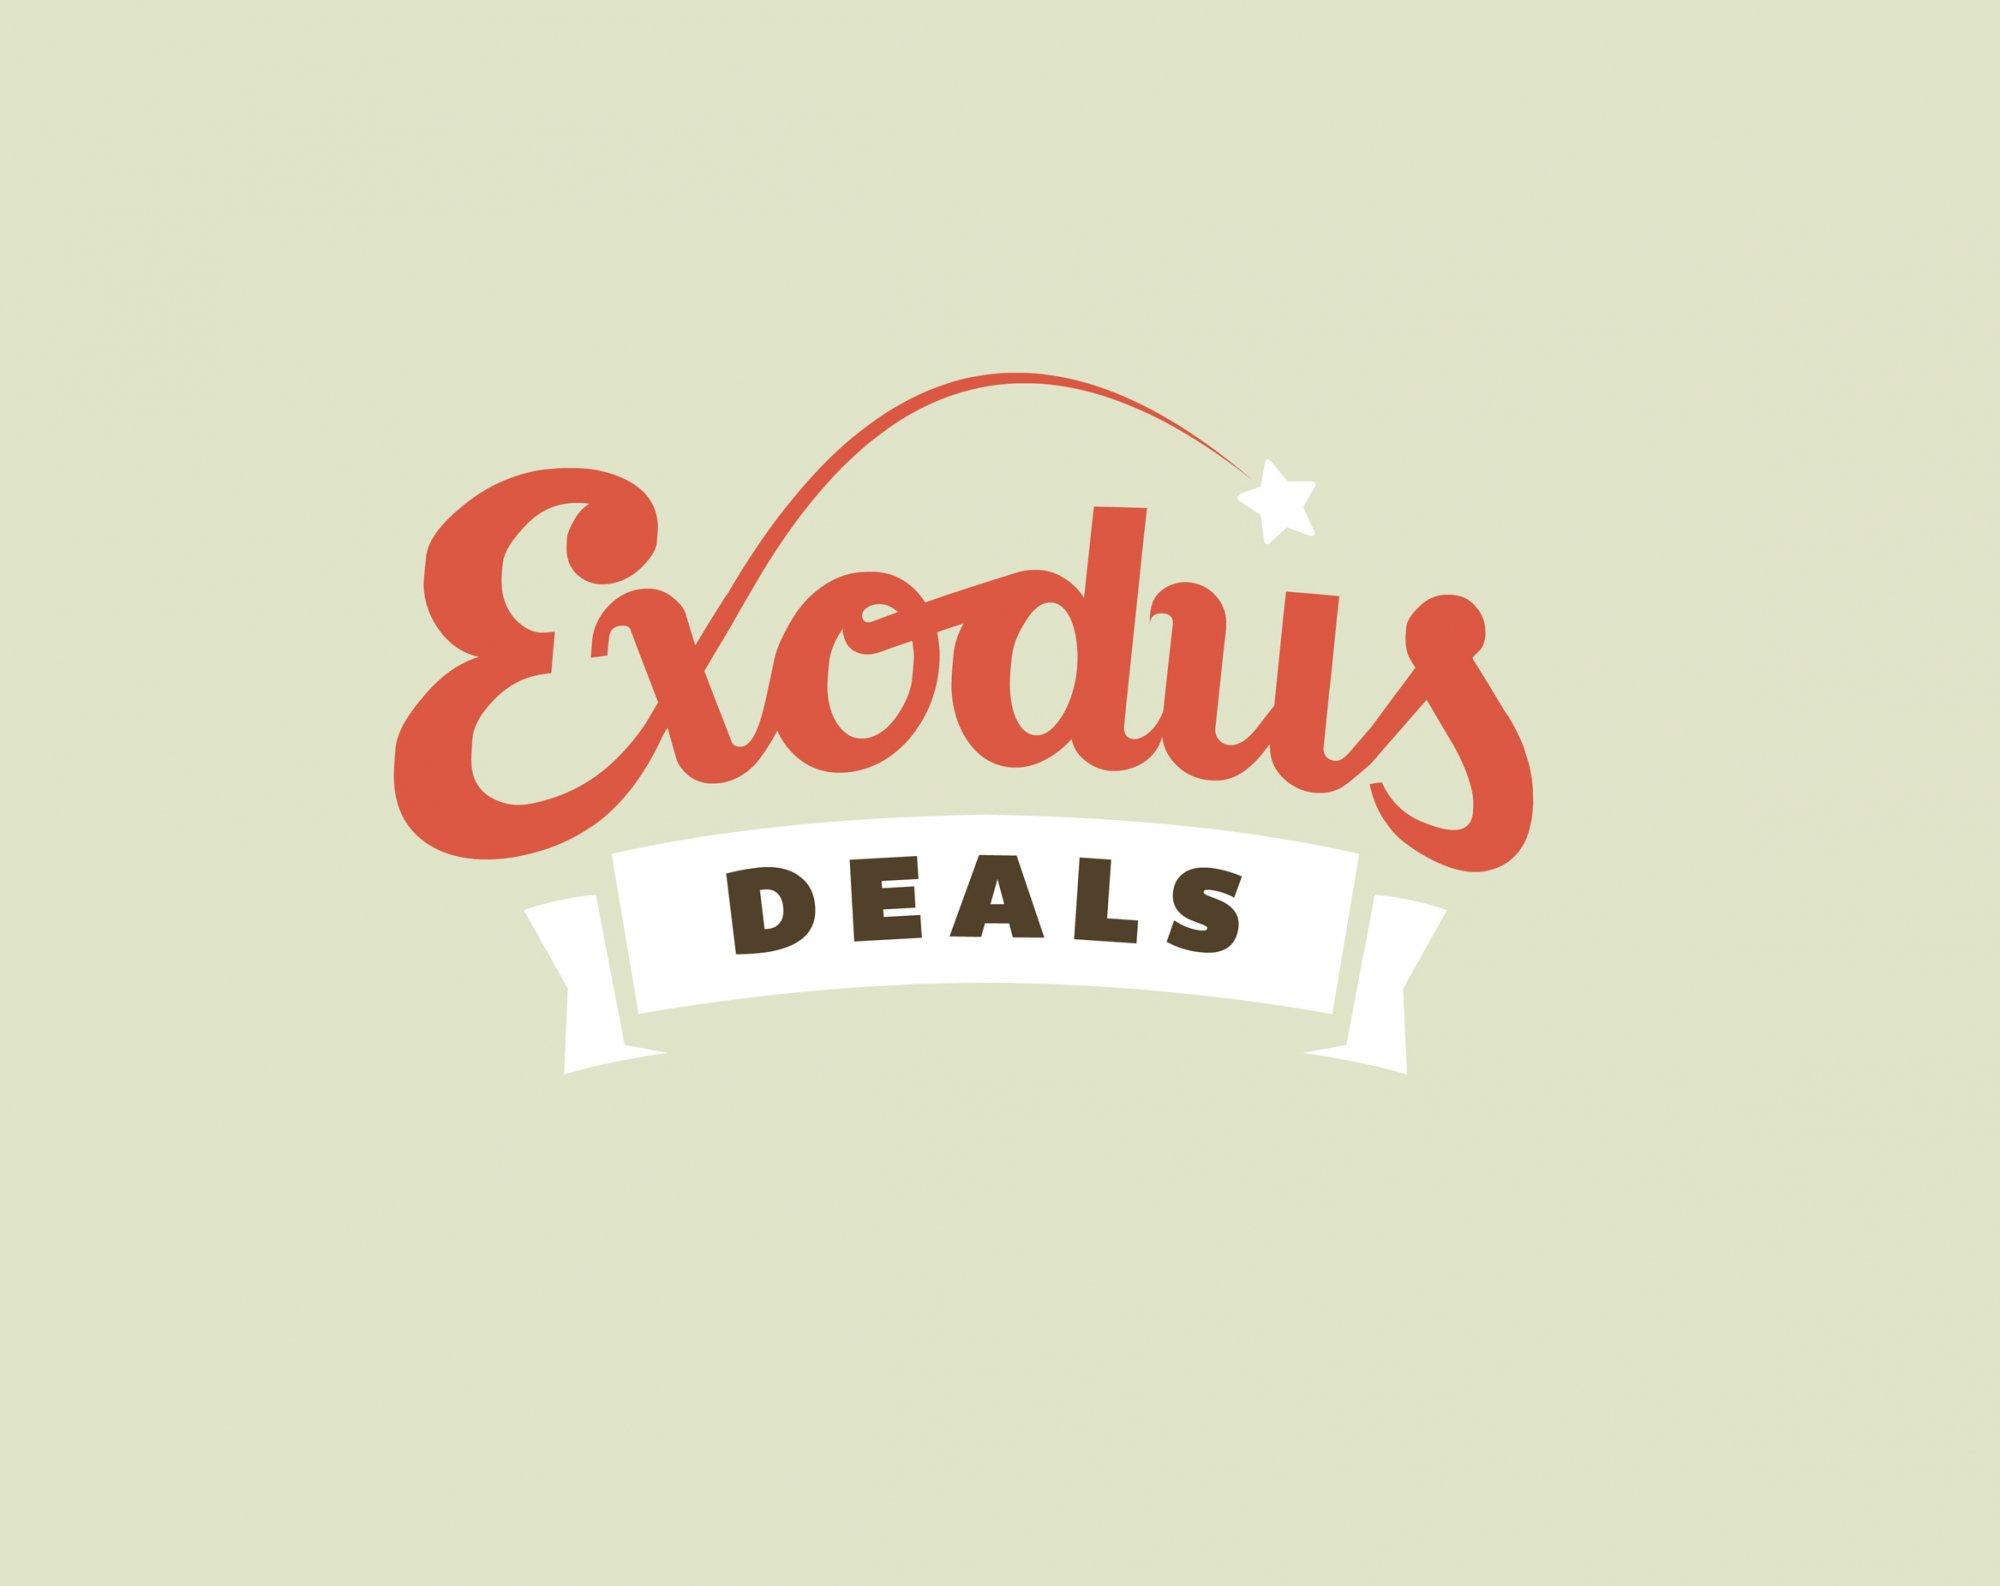 Exodus client download